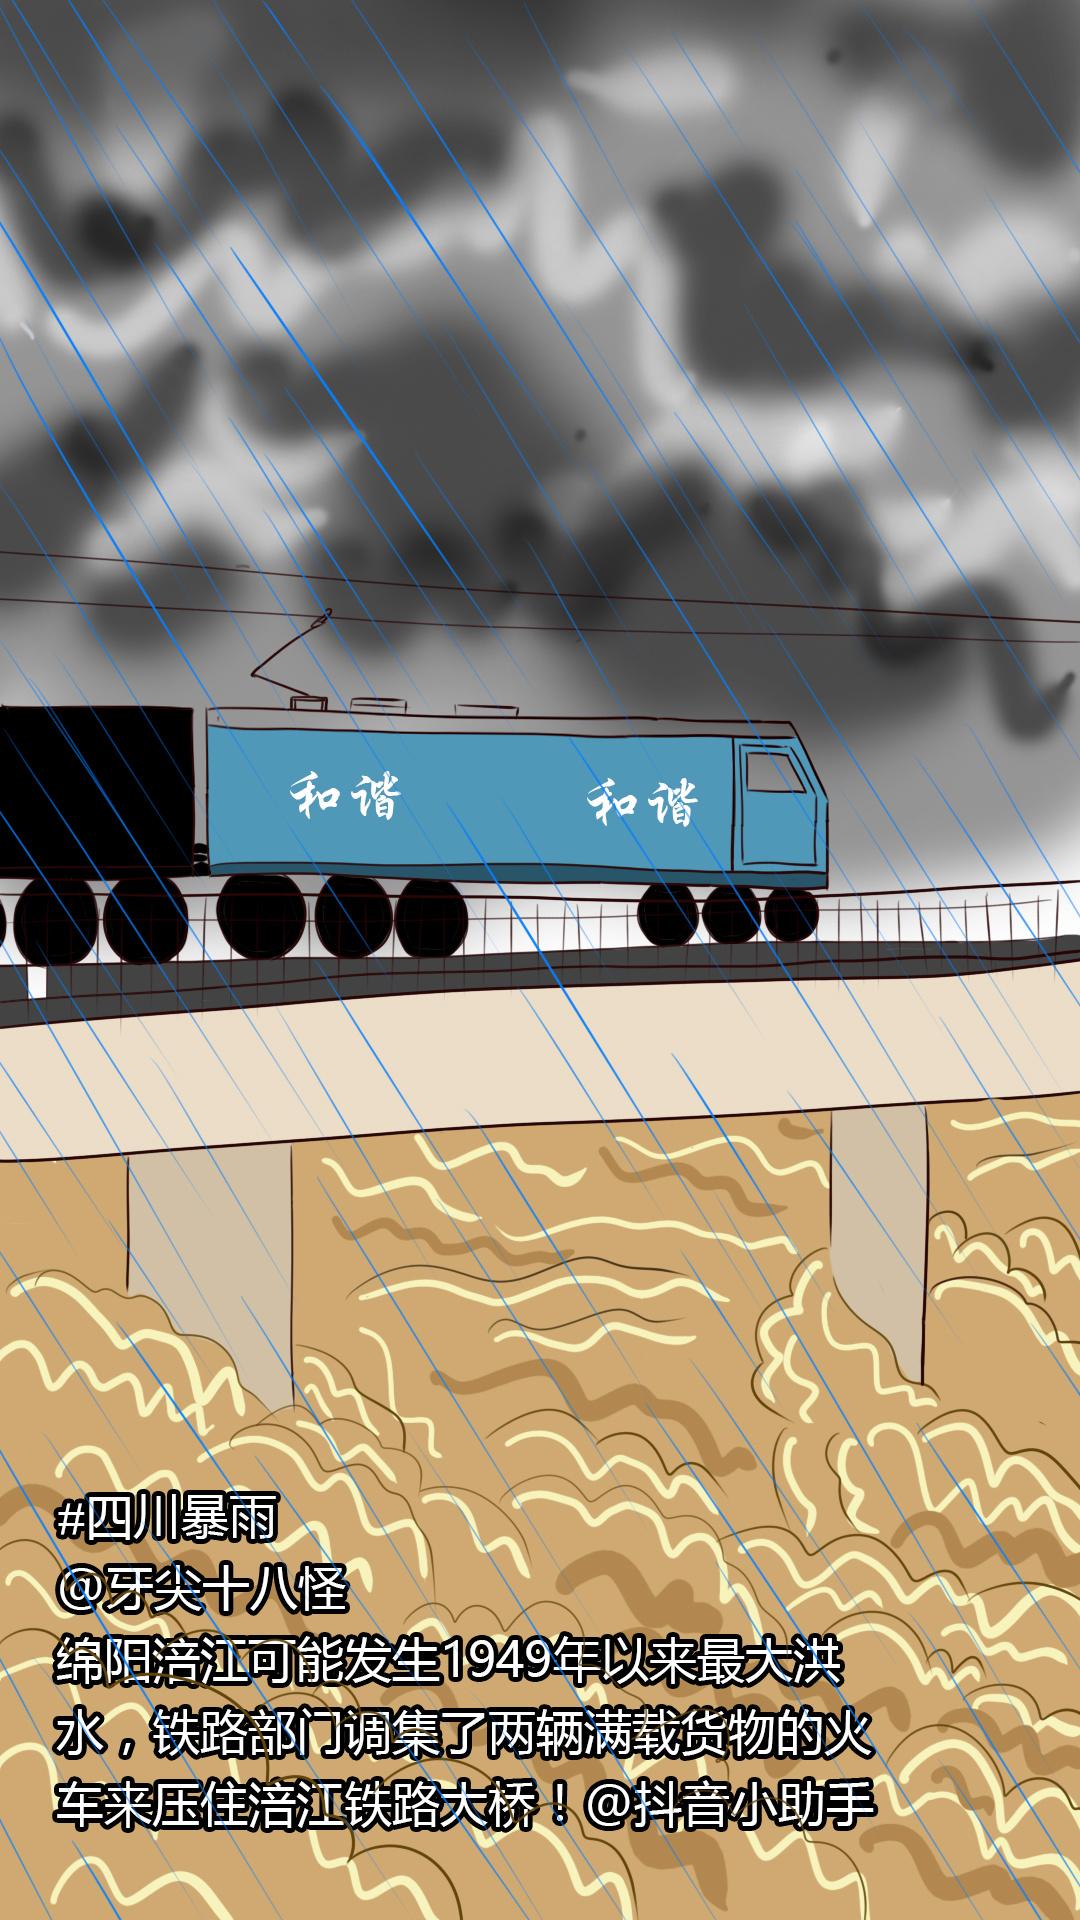 漫画故事:暴雨绵阳火车压桥,小可爱与一修哥对话